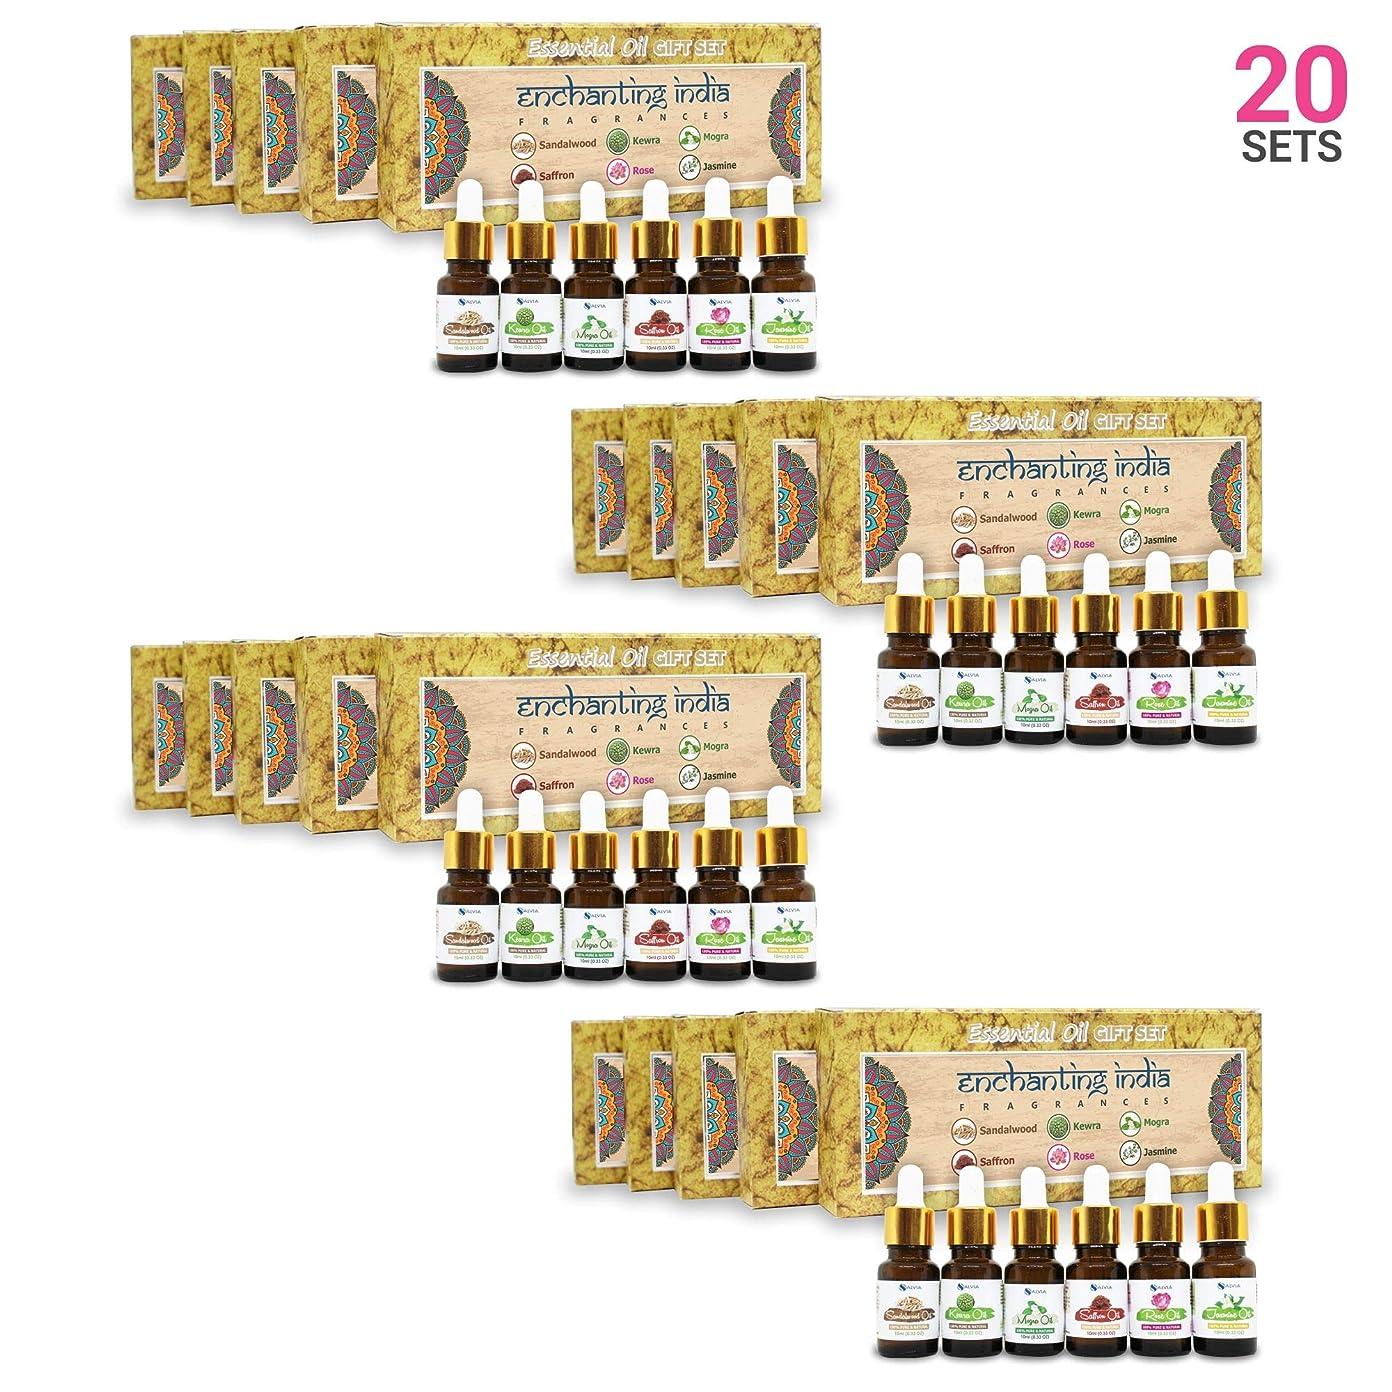 シャンパン契約するイースターAromatherapy Fragrance Oils (Set of 20) - 100% Pure & Natural Therapeutic Essential Oils, 10ml each (Sandalwood, Rose, Saffron, Kewra, Mogra, Jasmine) Express Shipping